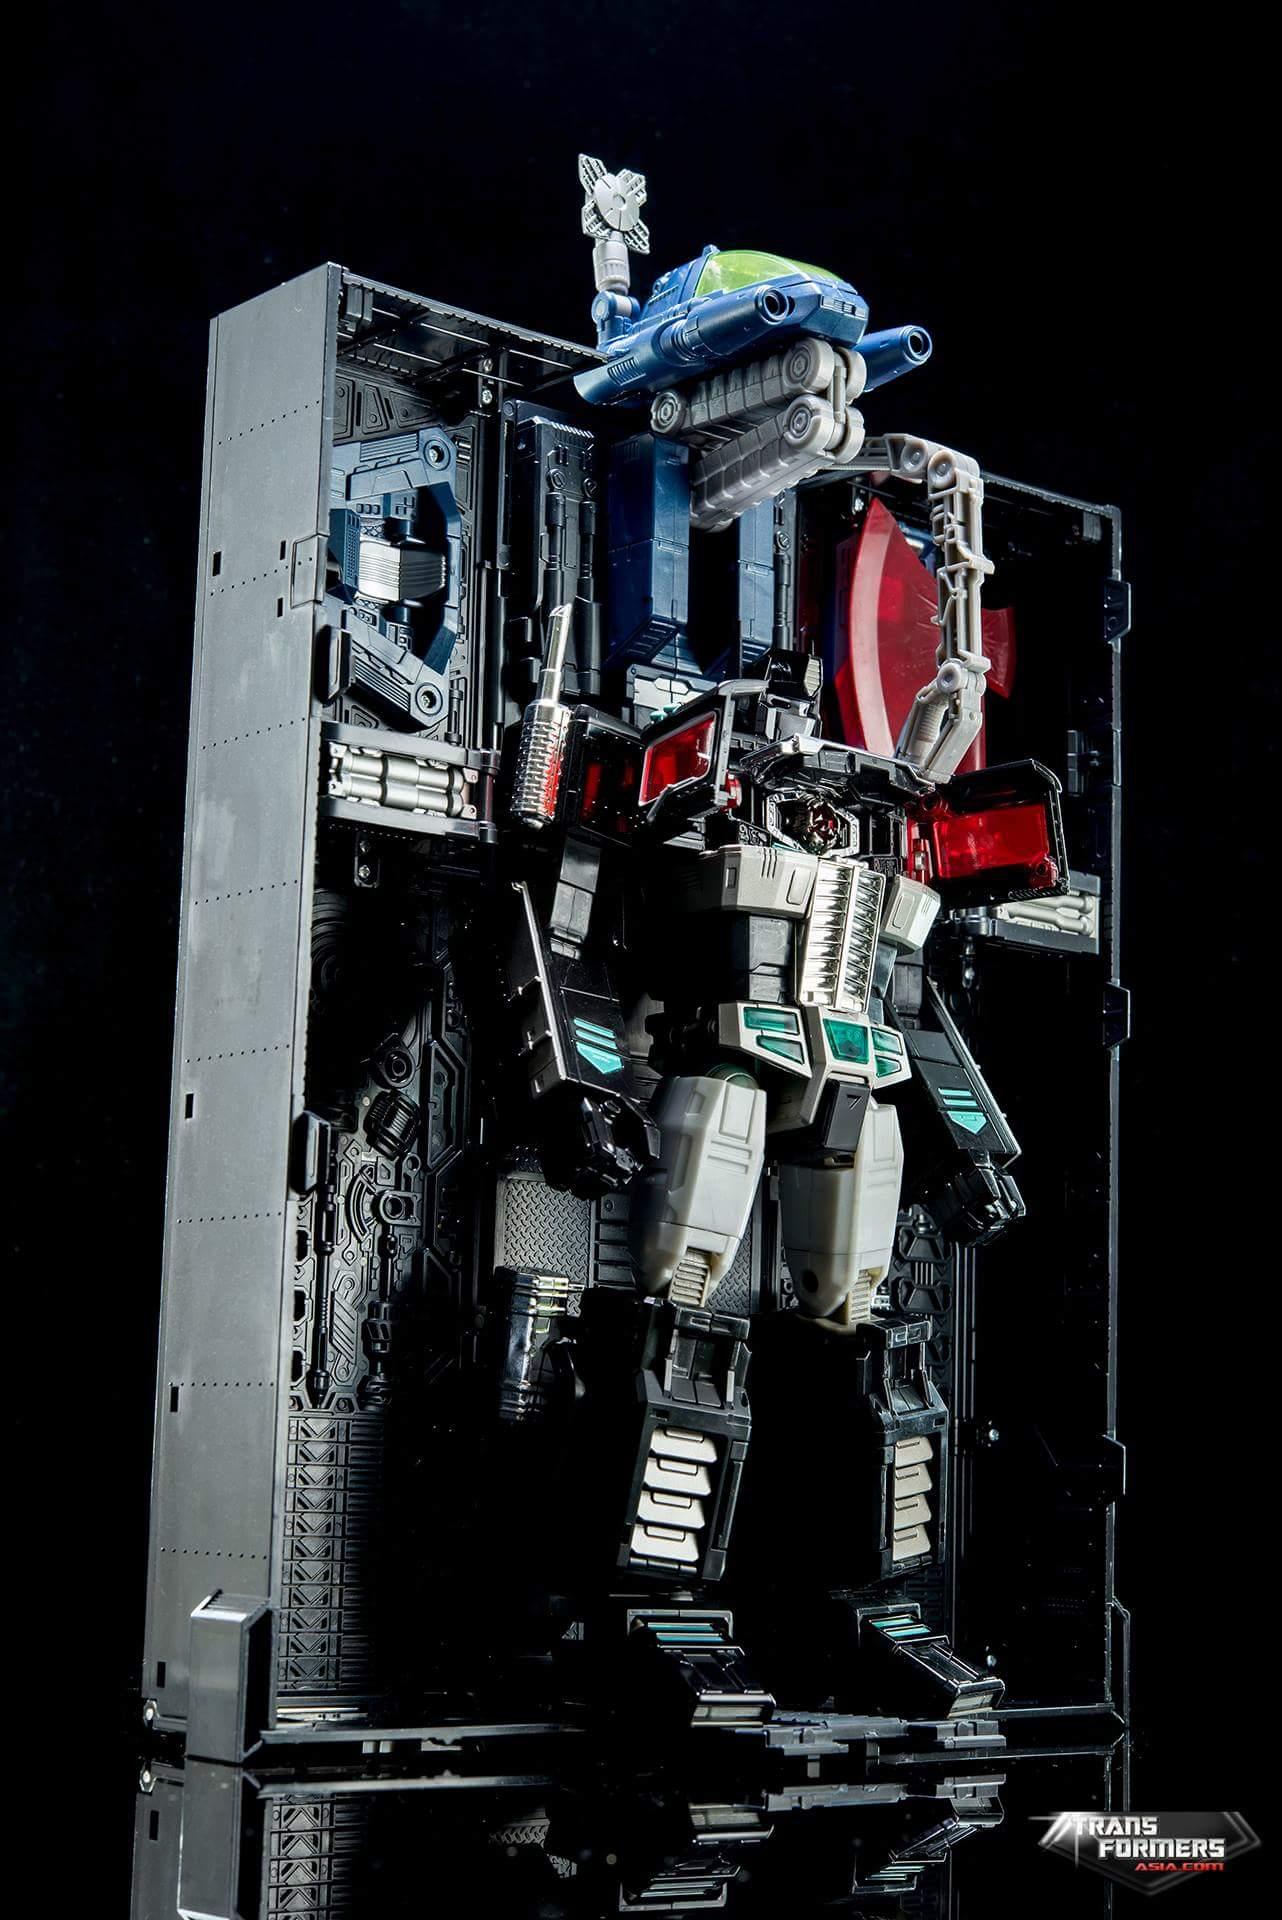 [Masterpiece] MP-10B   MP-10A   MP-10R   MP-10SG   MP-10K   MP-711   MP-10G   MP-10 ASL ― Convoy (Optimus Prime/Optimus Primus) - Page 4 4QF4y0De